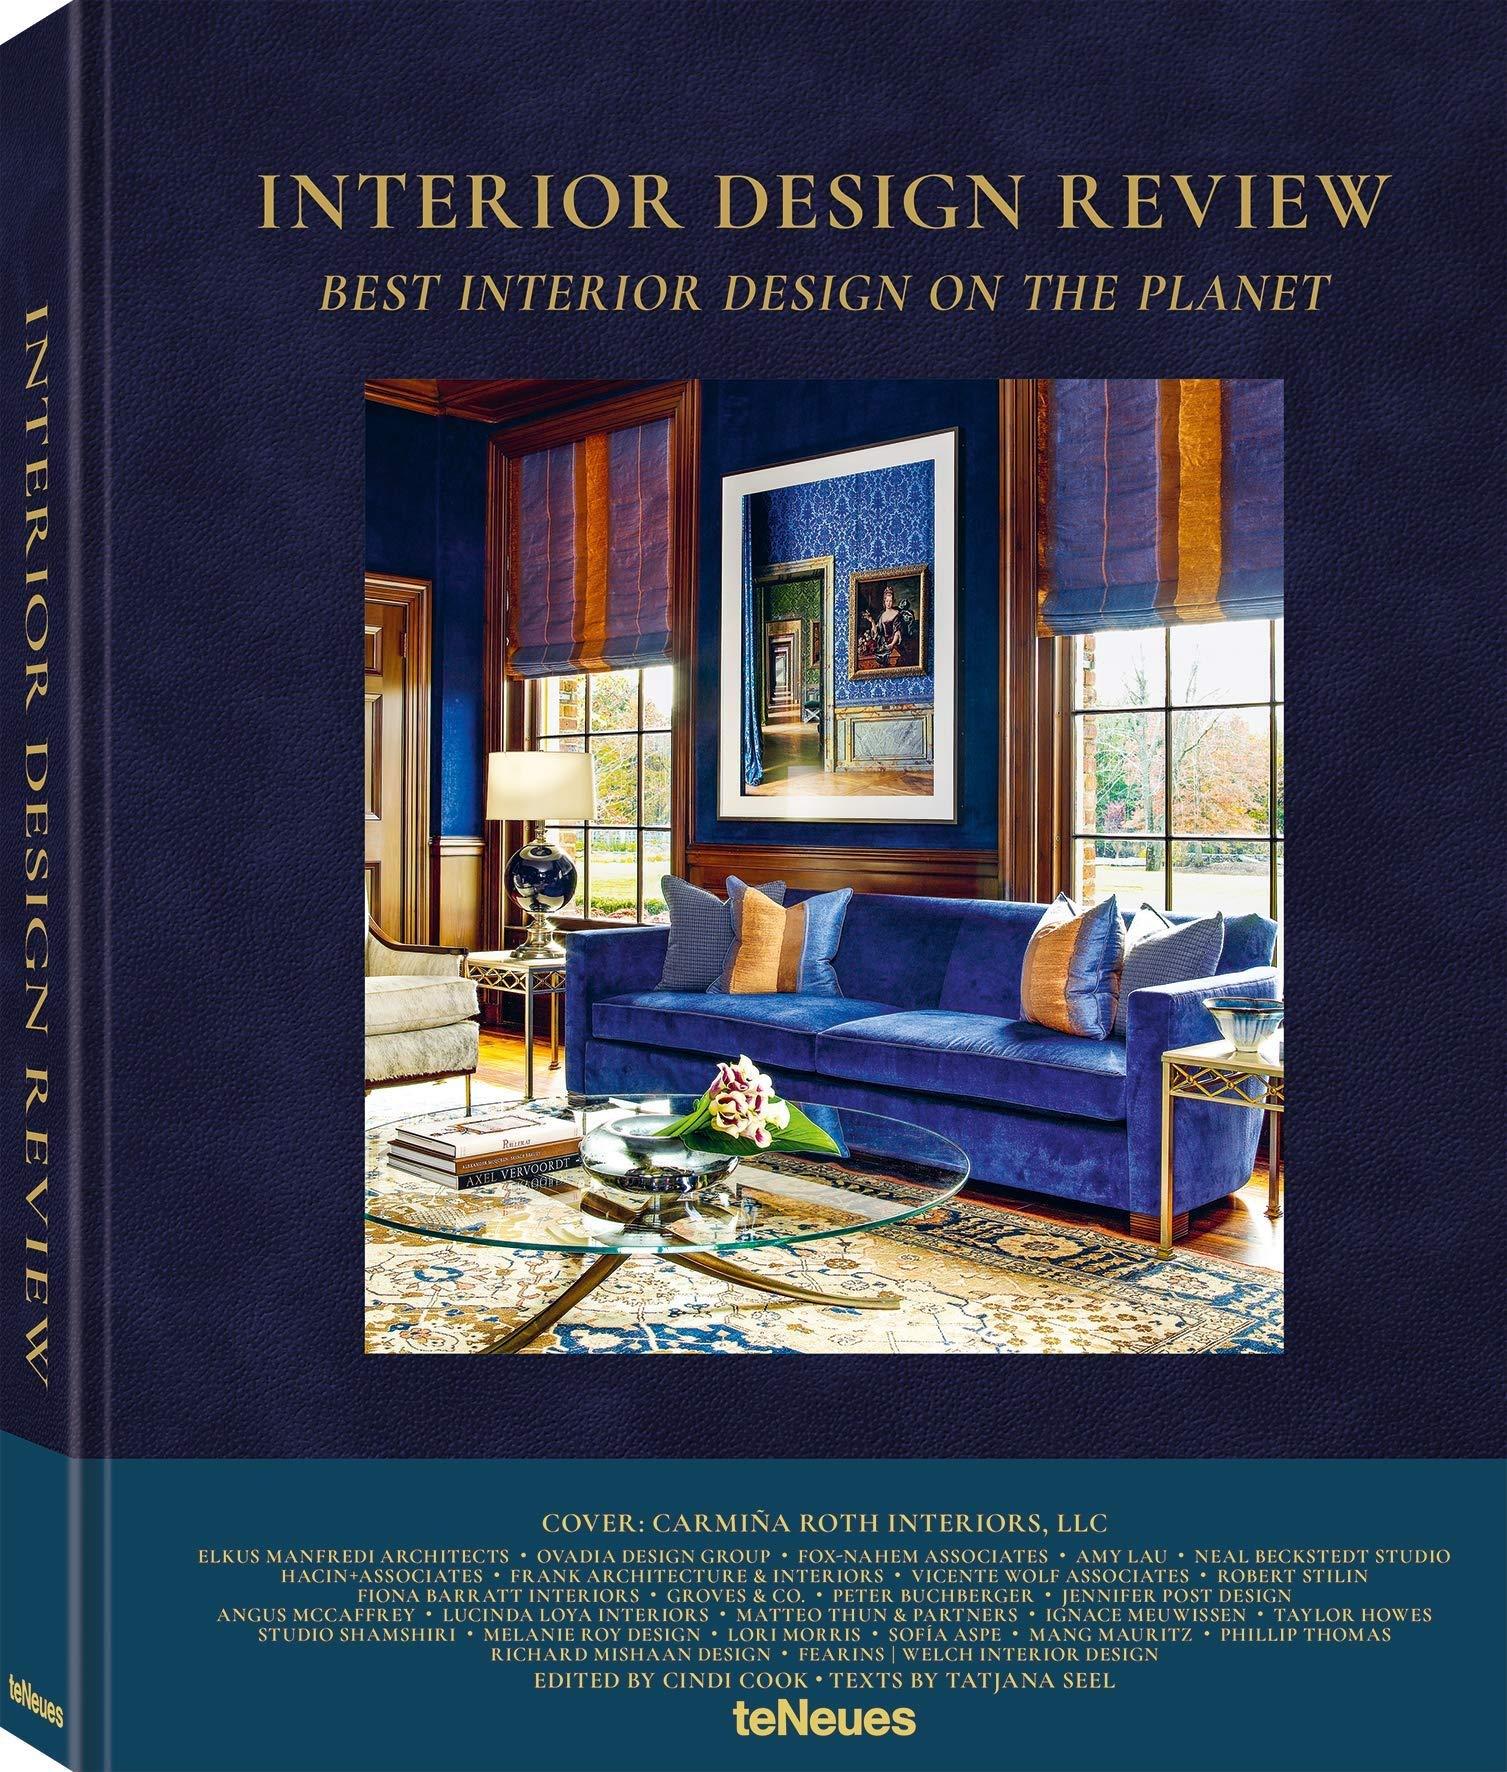 Interior Design Review Best Interior Design On The Planet Von Wedel Tiny Steinhauer Marc 9783961710973 Amazon Com Books